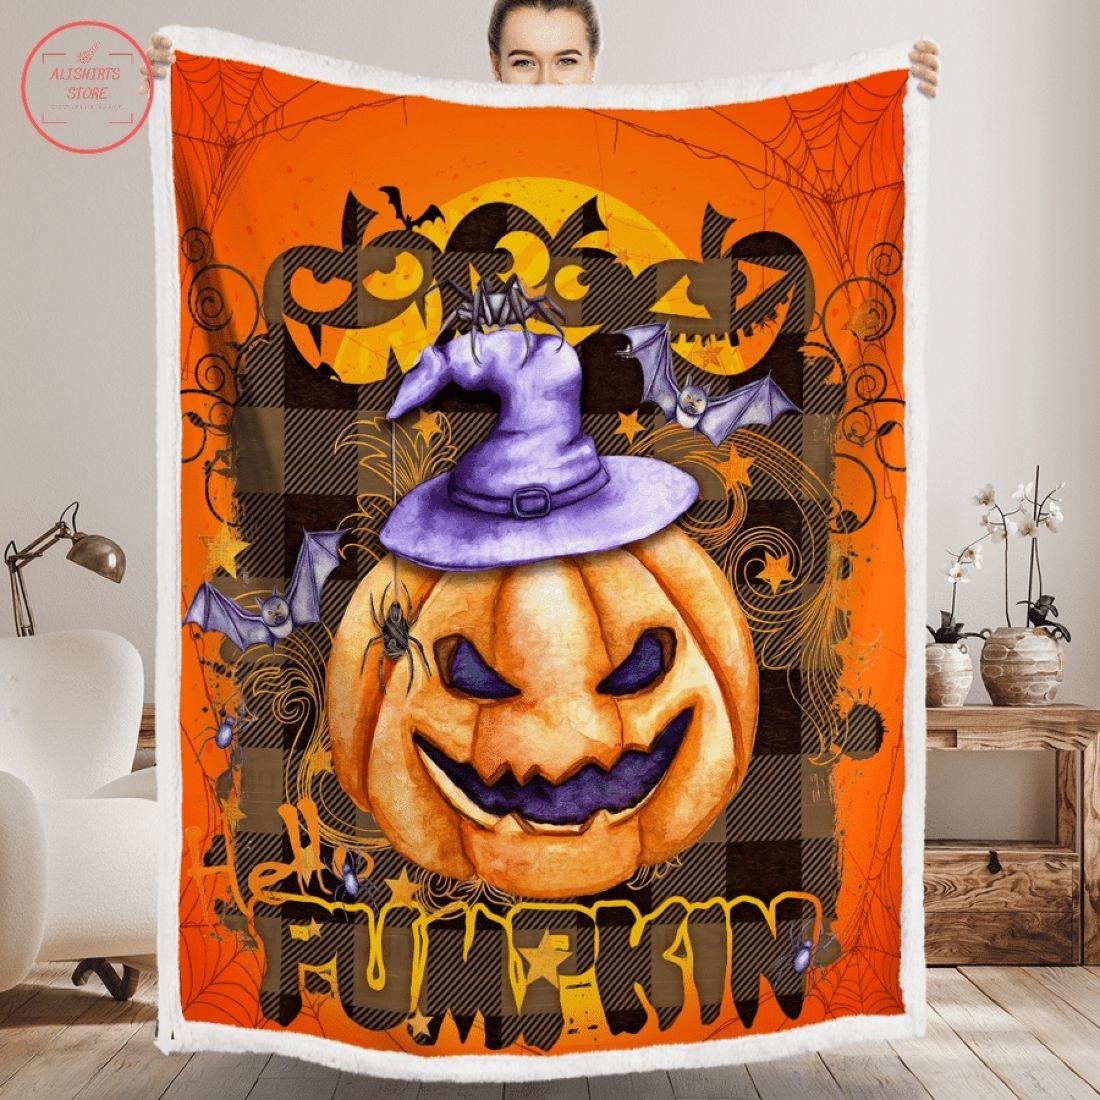 Pumpkin Boo Boo Halloween Quilt Bedding